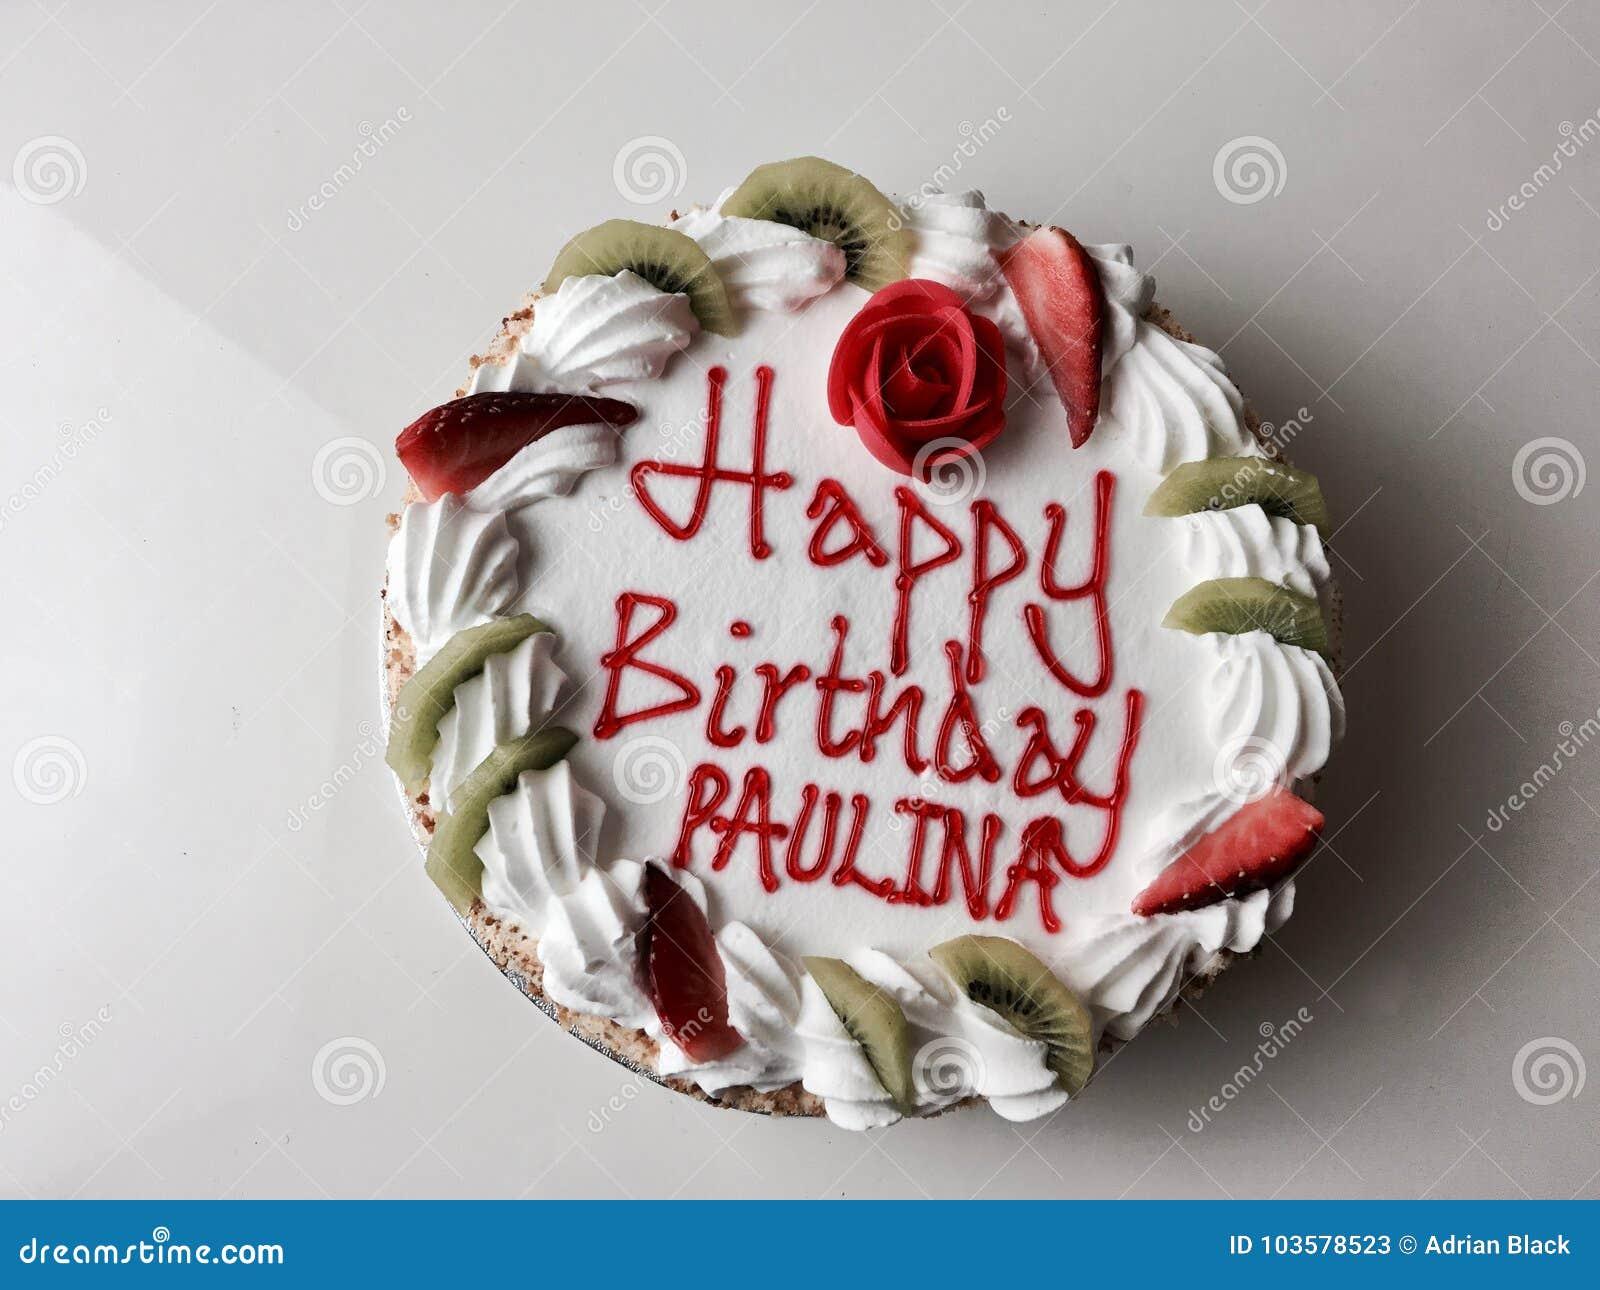 Happy Birthday Cake Stock Image Image Of Rose Decoration 103578523